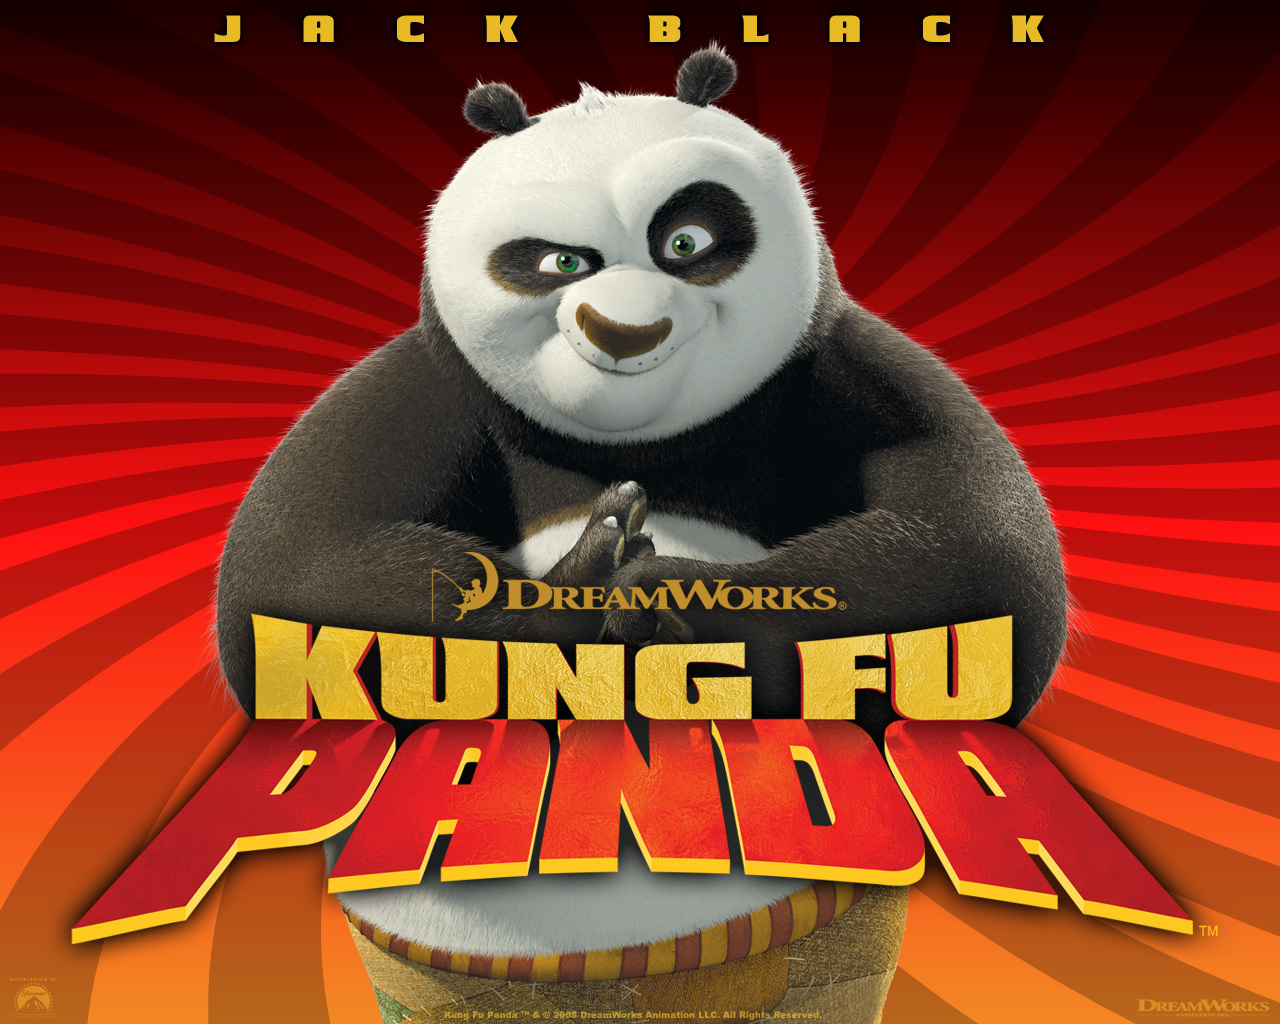 konfu panda